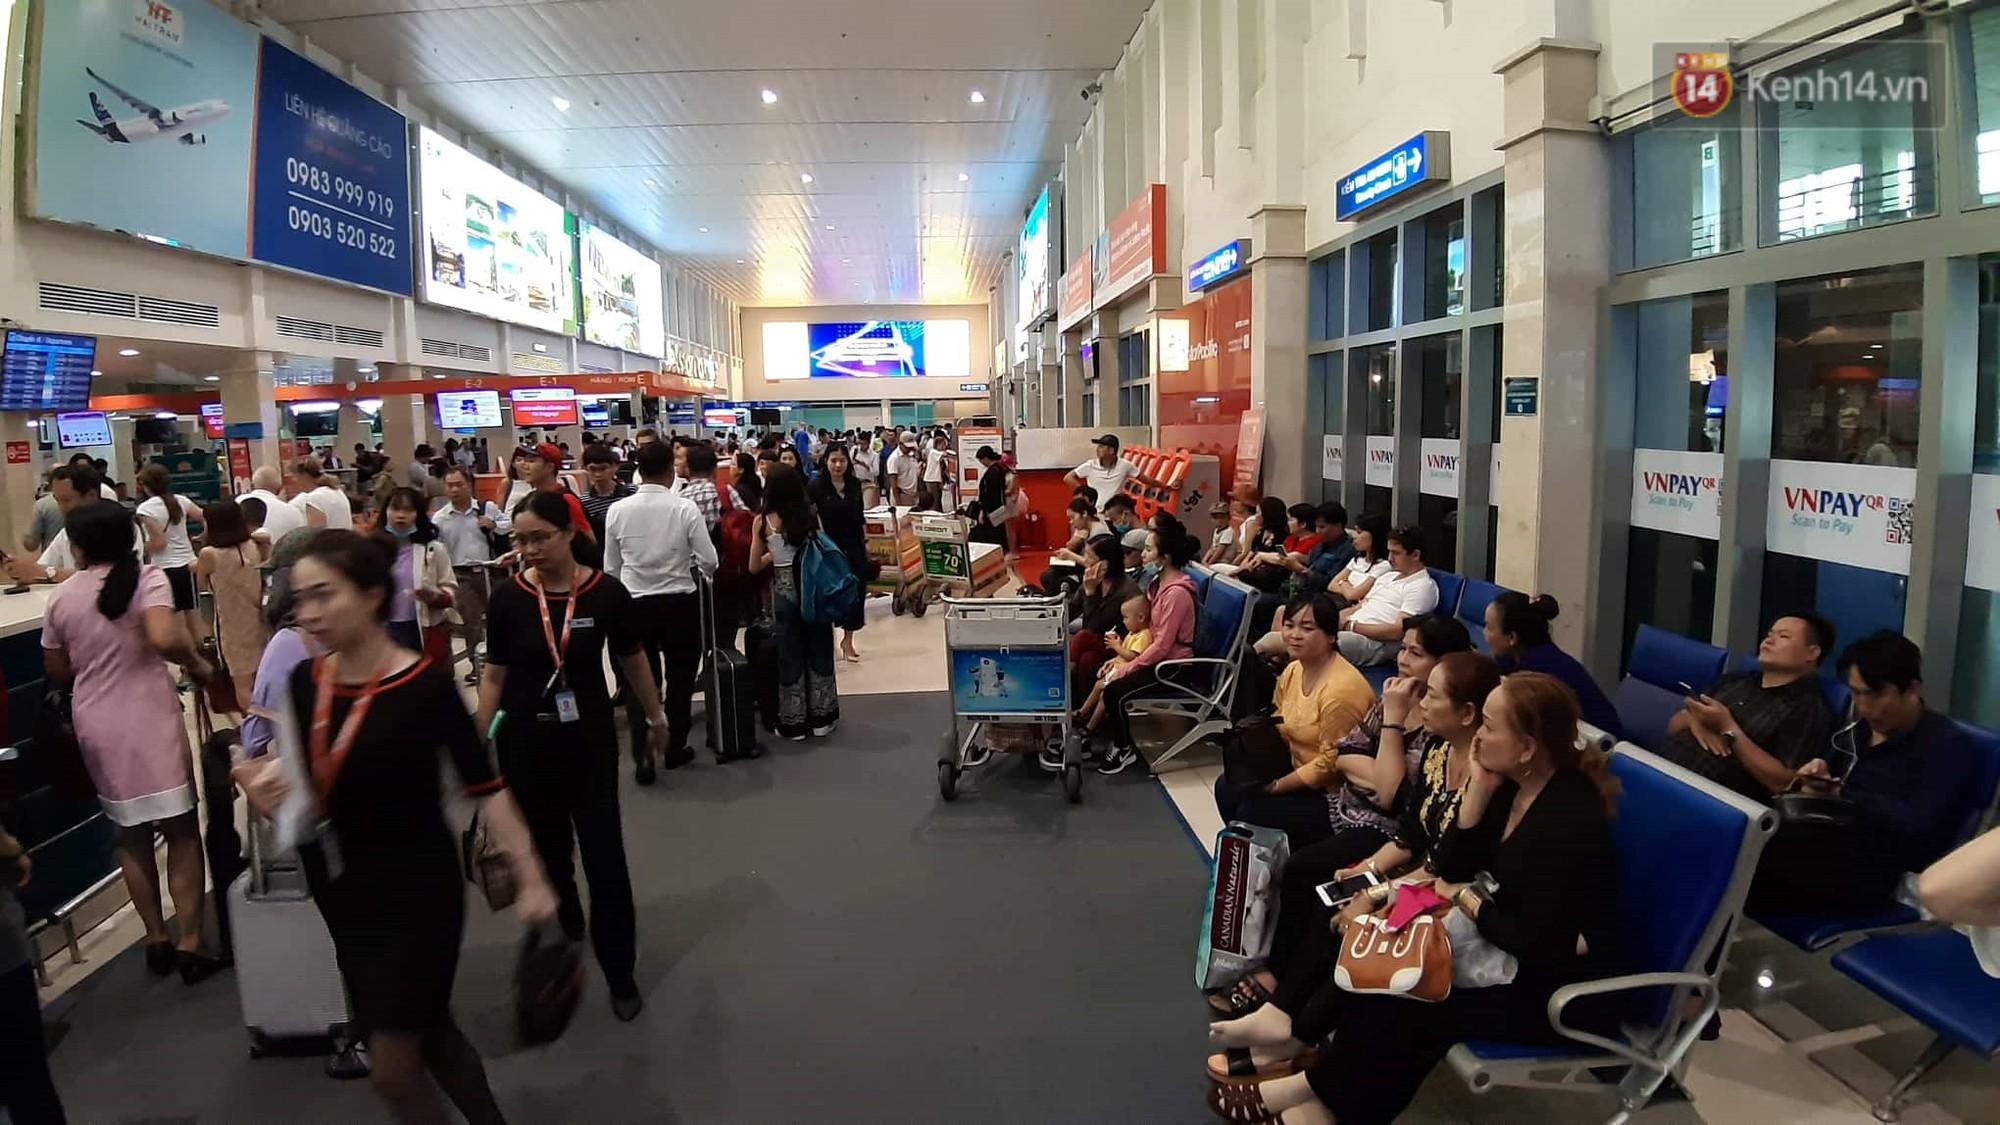 Chùm ảnh khó thở trước kỳ nghỉ lễ: Sân bay Tân Sơn Nhất ùn tắc từ ngoài vào trong - Ảnh 12.